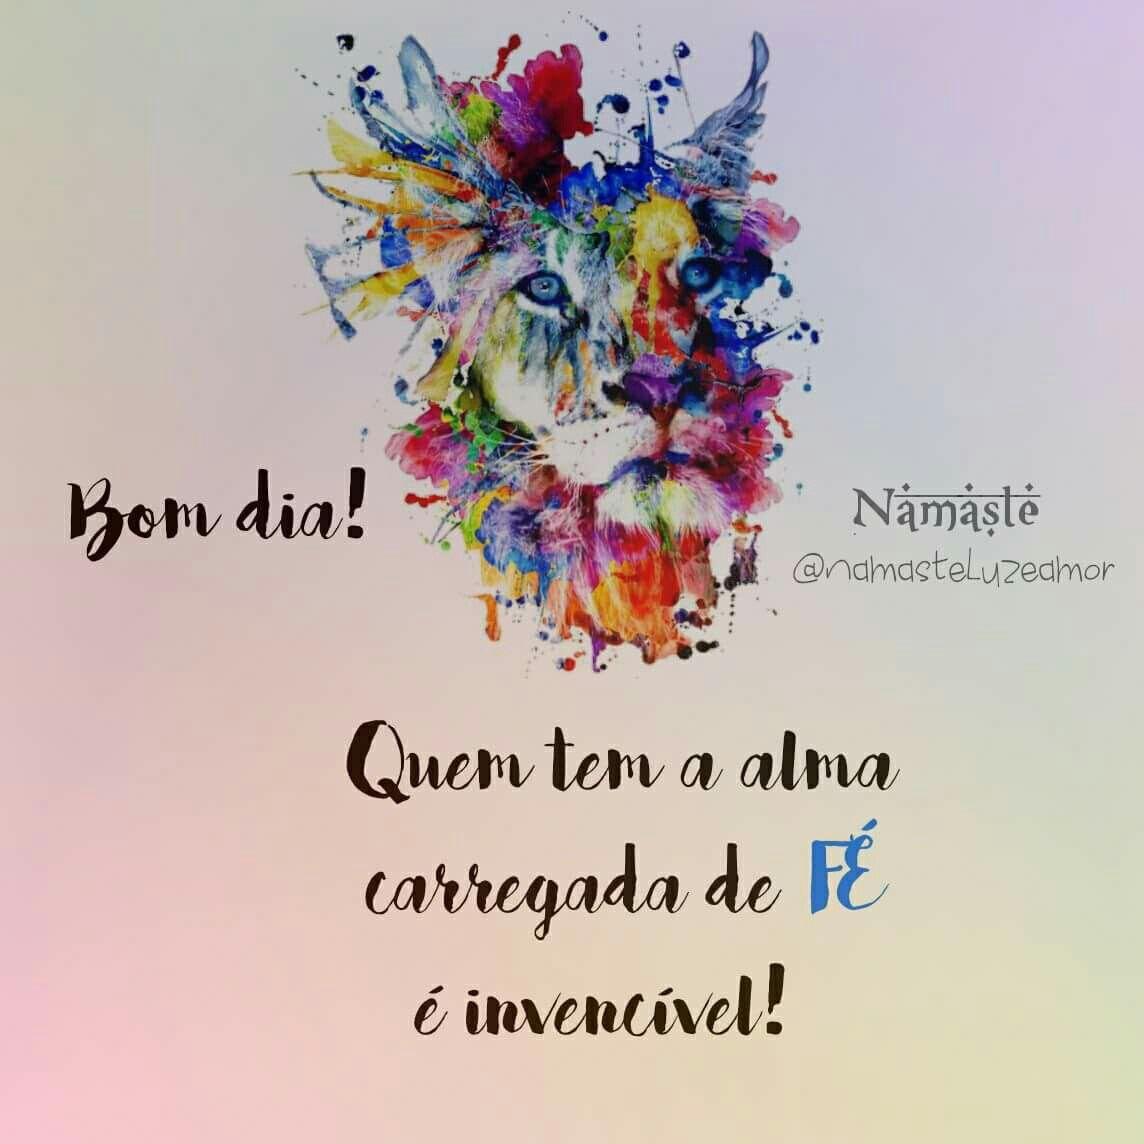 Pin By Flavia Elis On Namaste Luz E Amor Pinterest Bom Dia